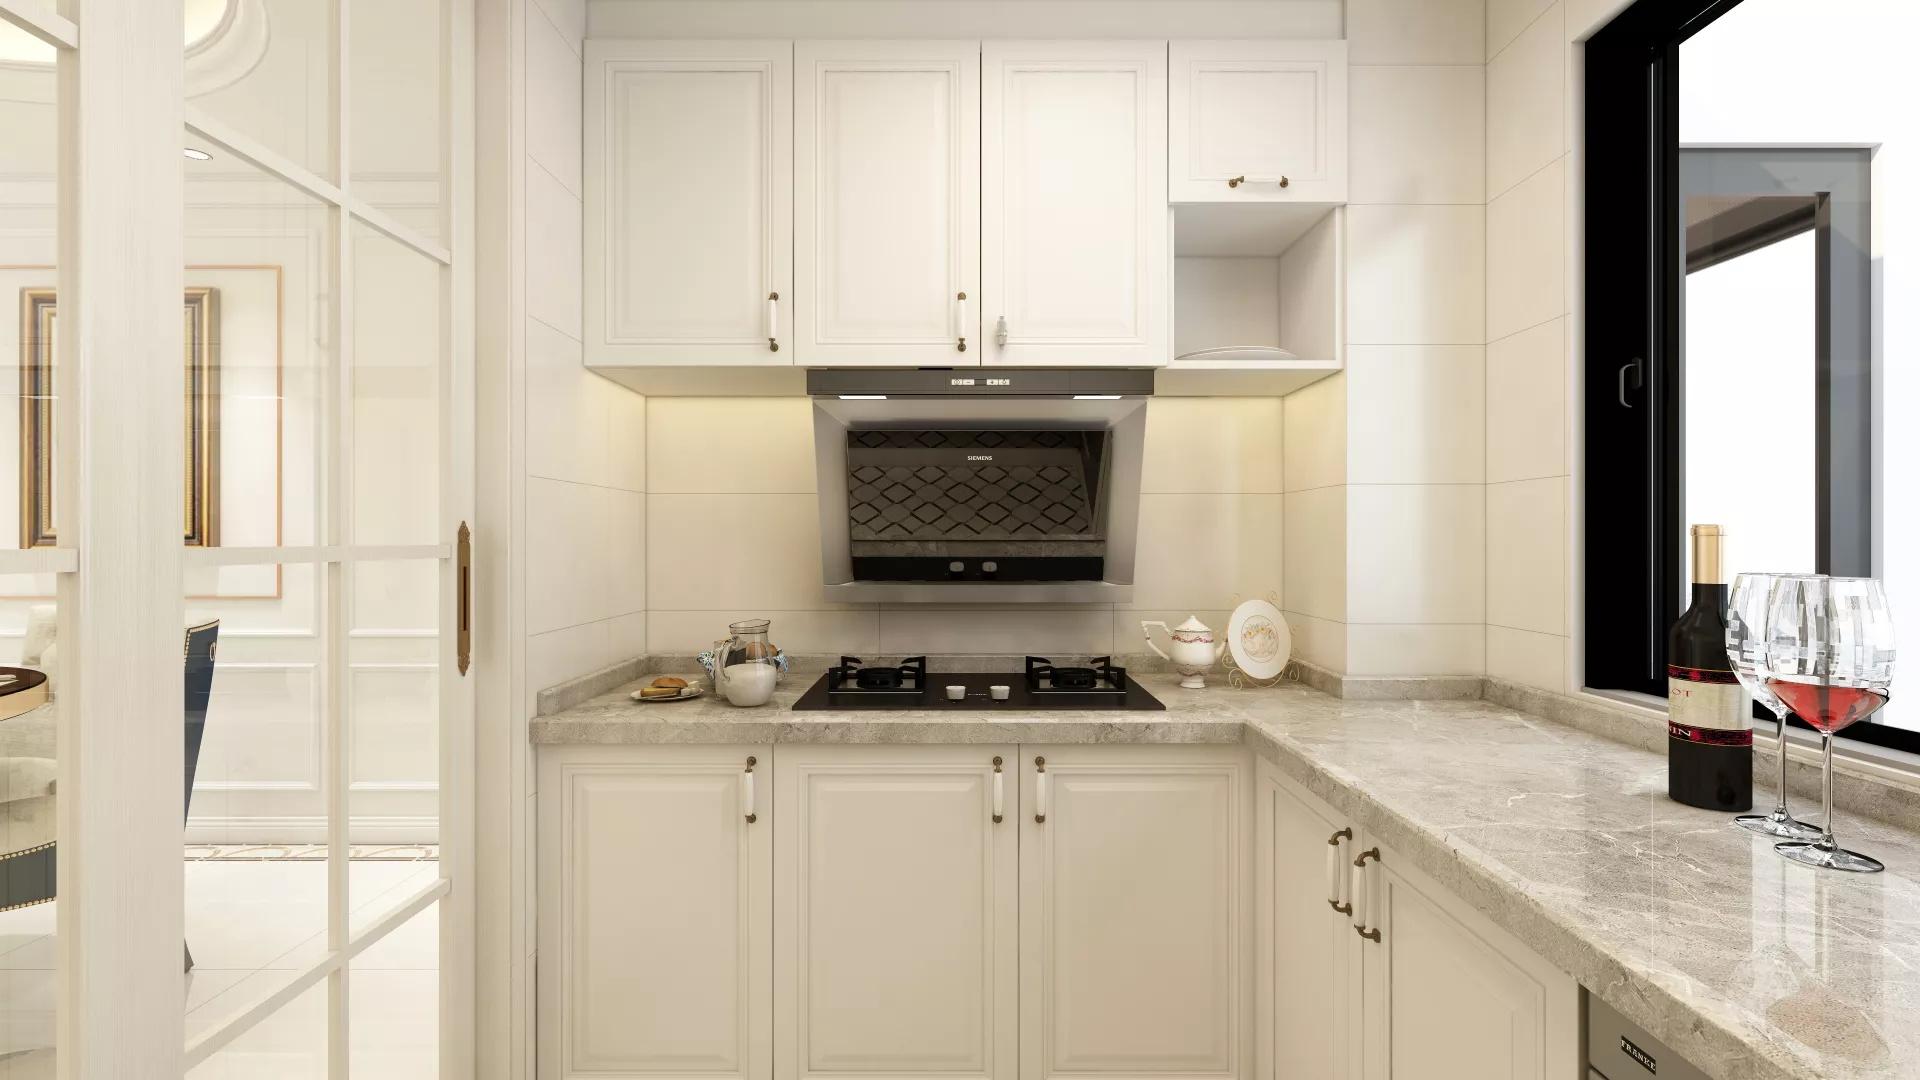 简洁温馨厨房装修效果图